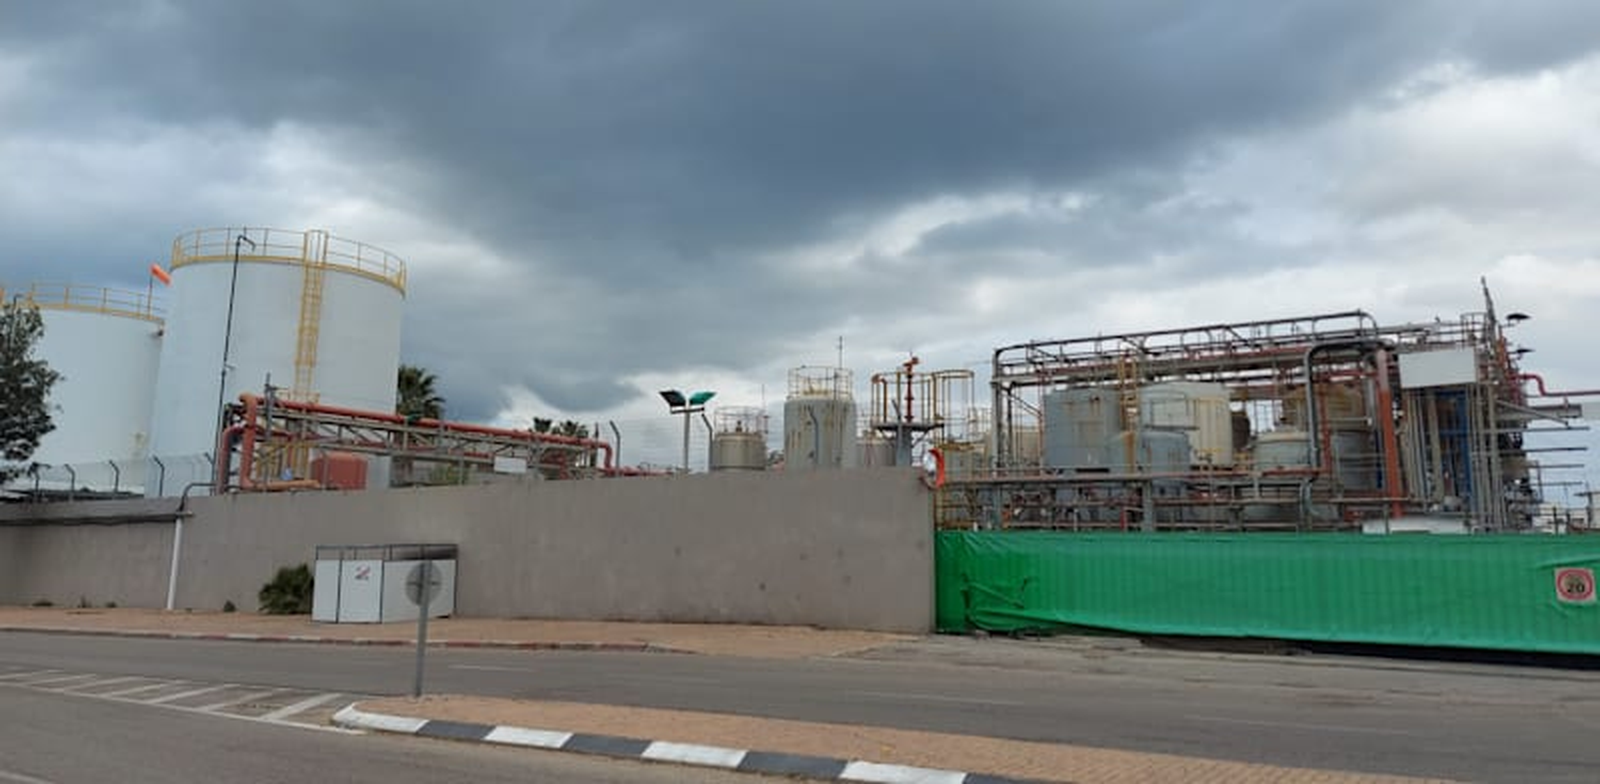 מפעל פלנטקס טבע שנסגר / צילום: תמר מצפי